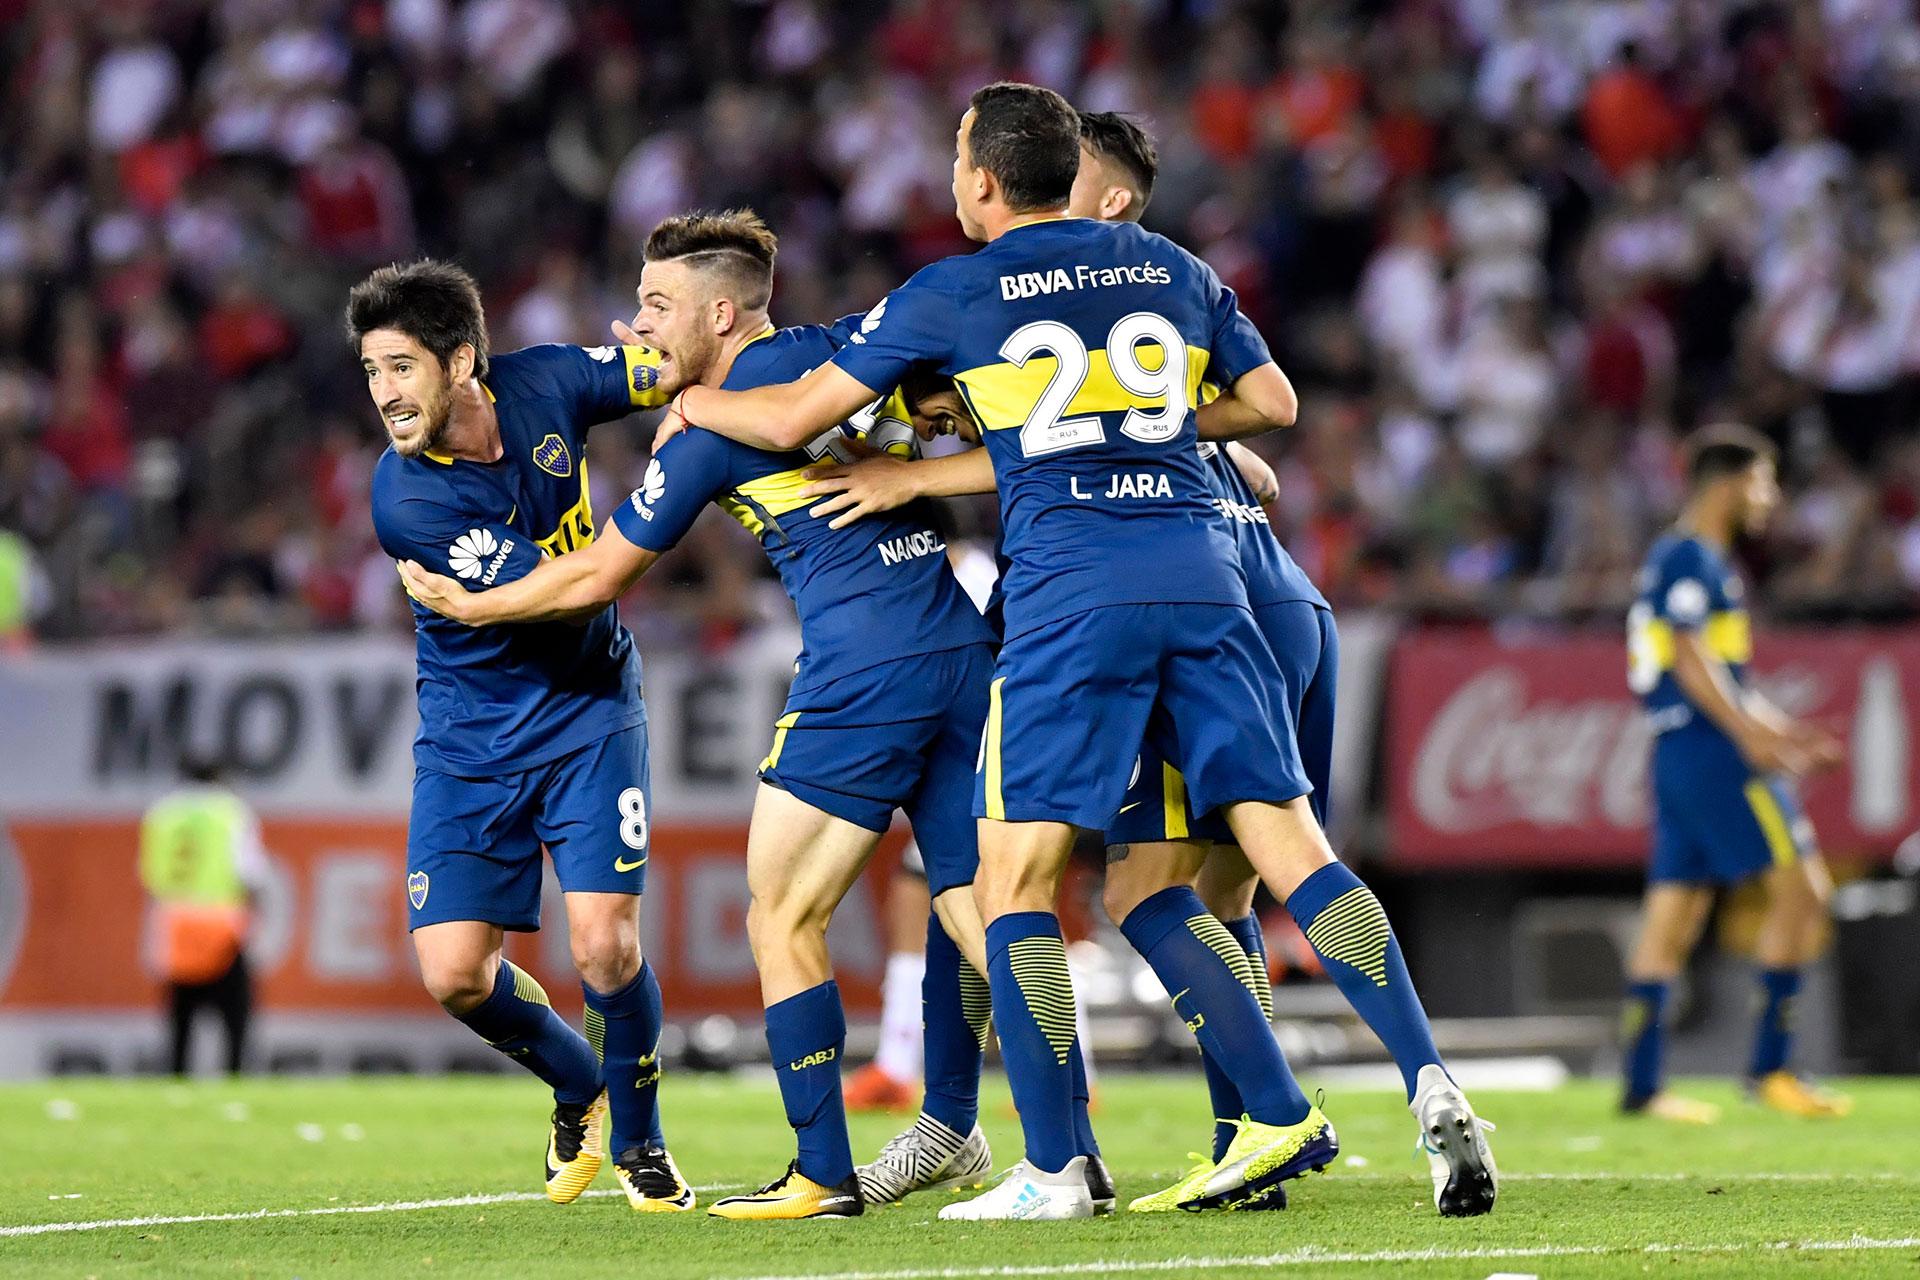 Boca apunta todos sus cañones a la Copa Libertadores 2018 (Télam)